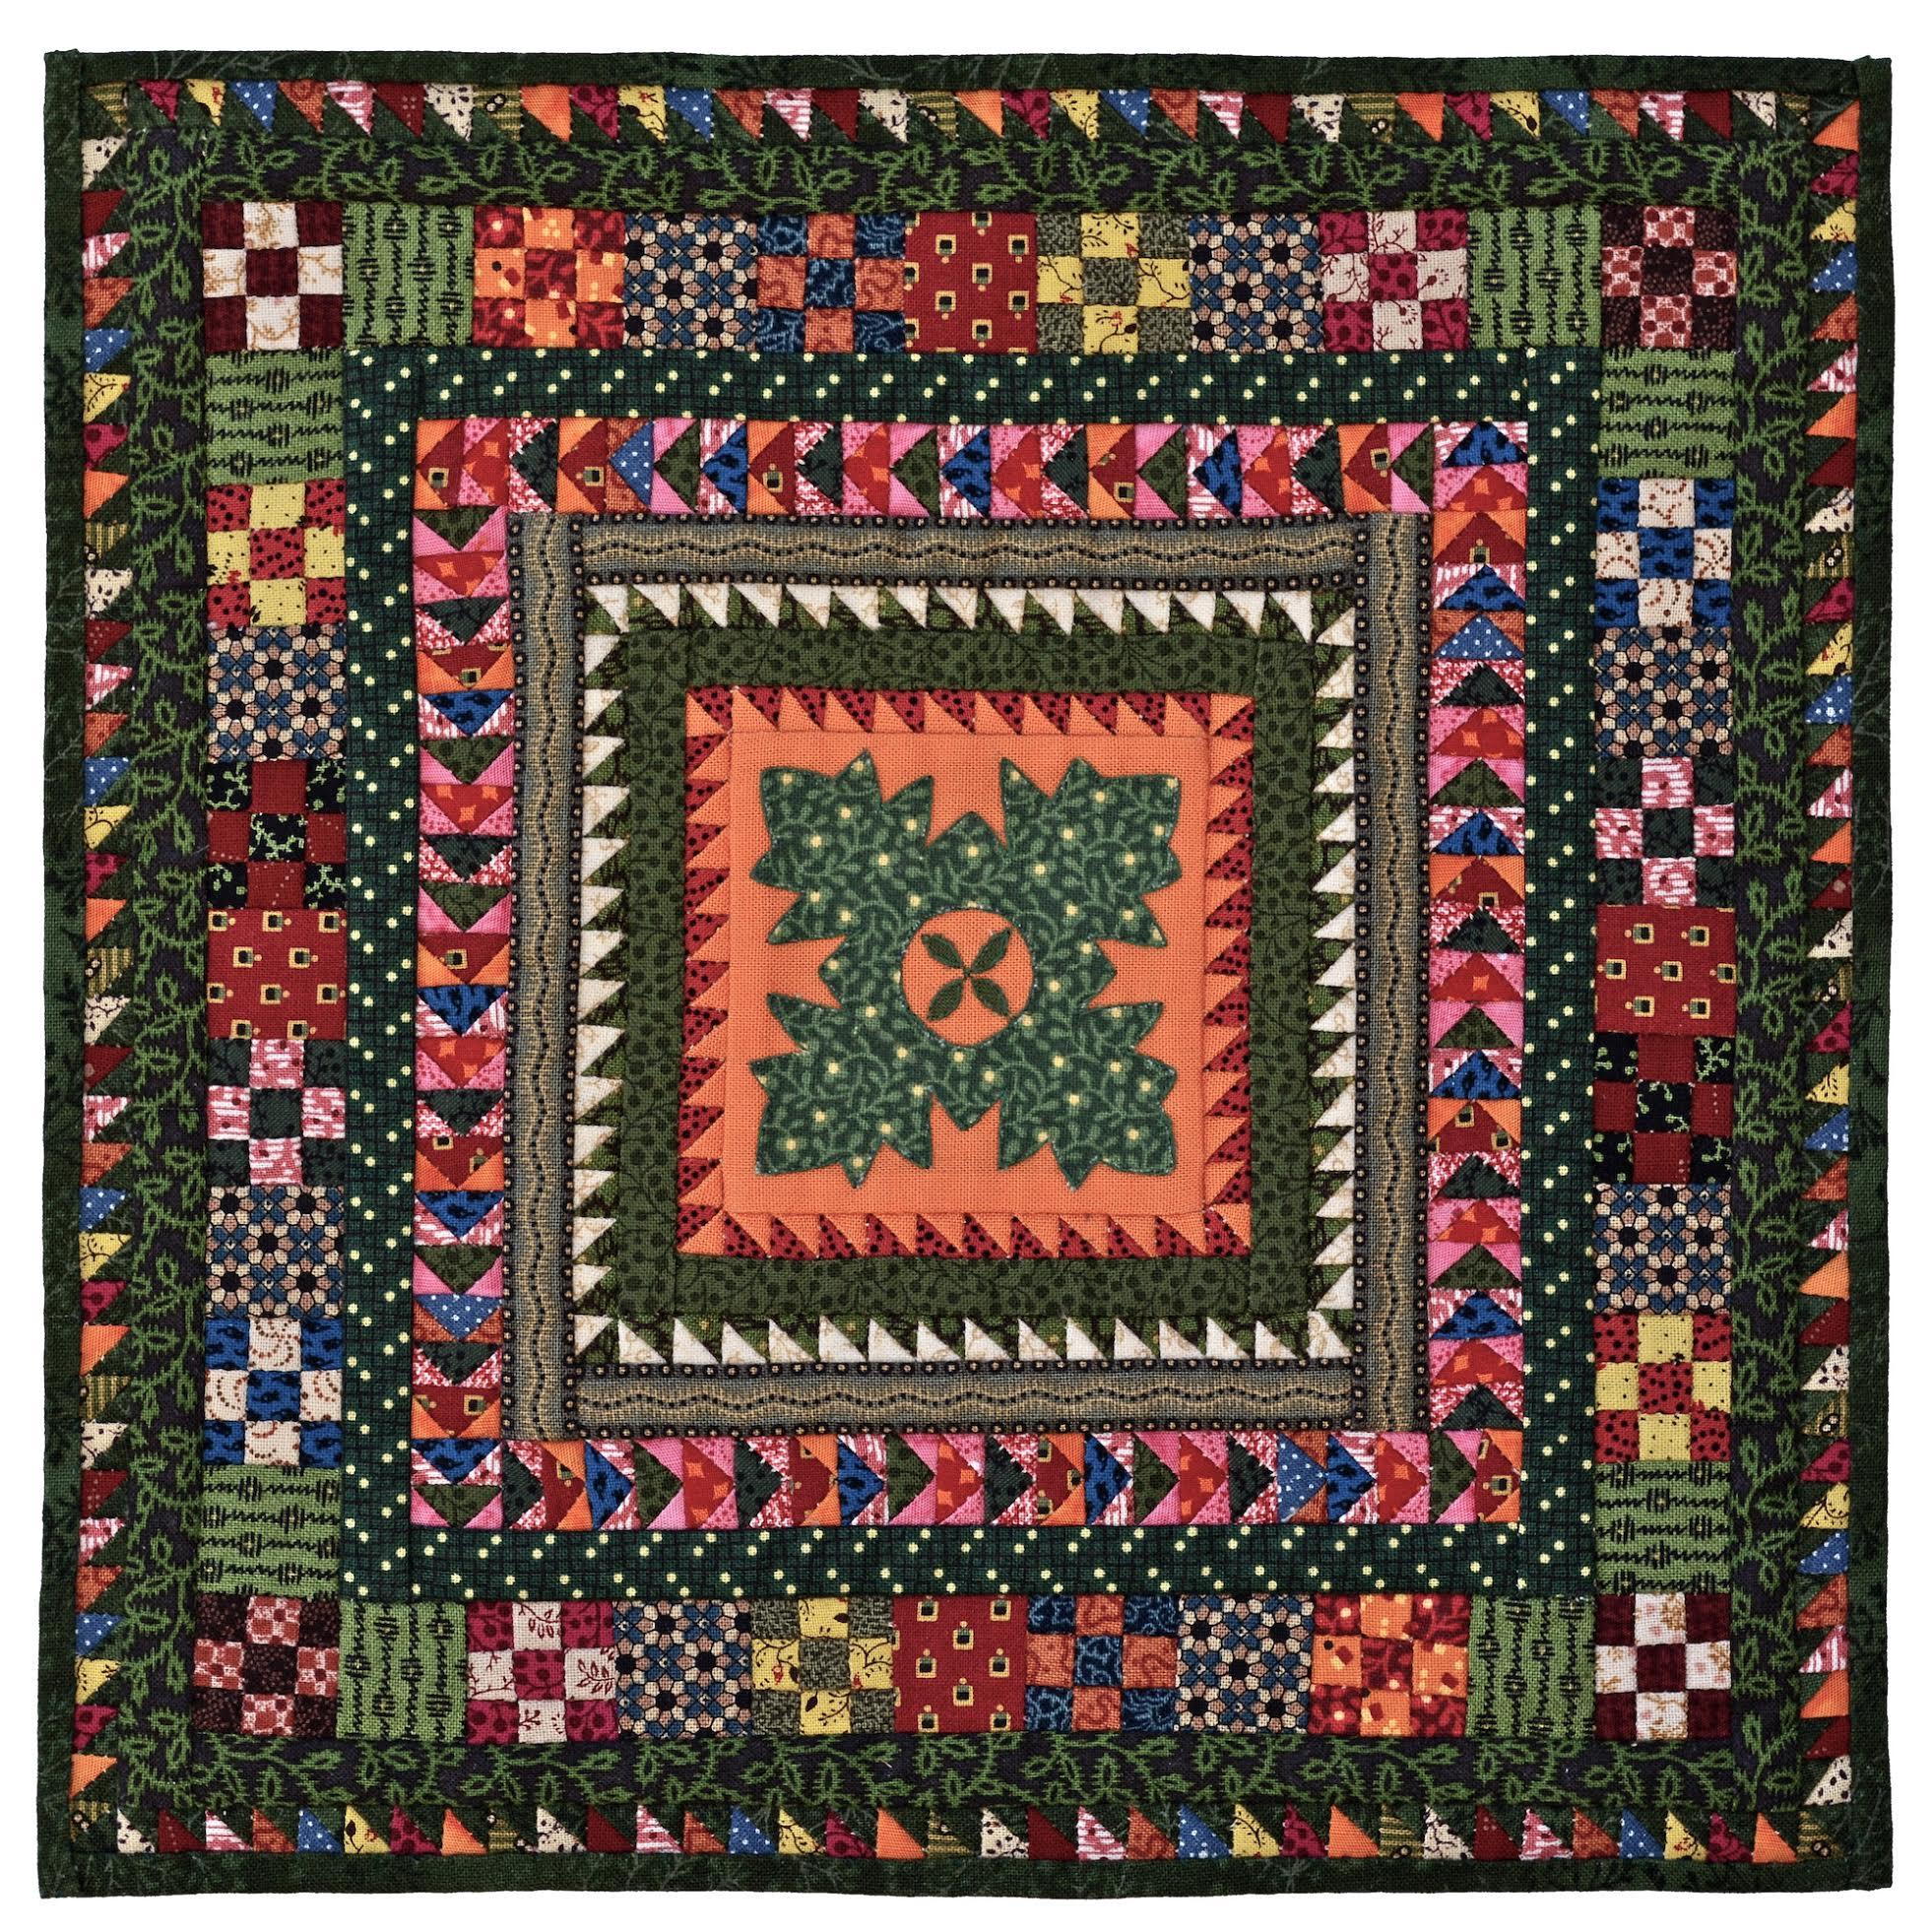 Miniature quilt by Kathie Ratcliffe